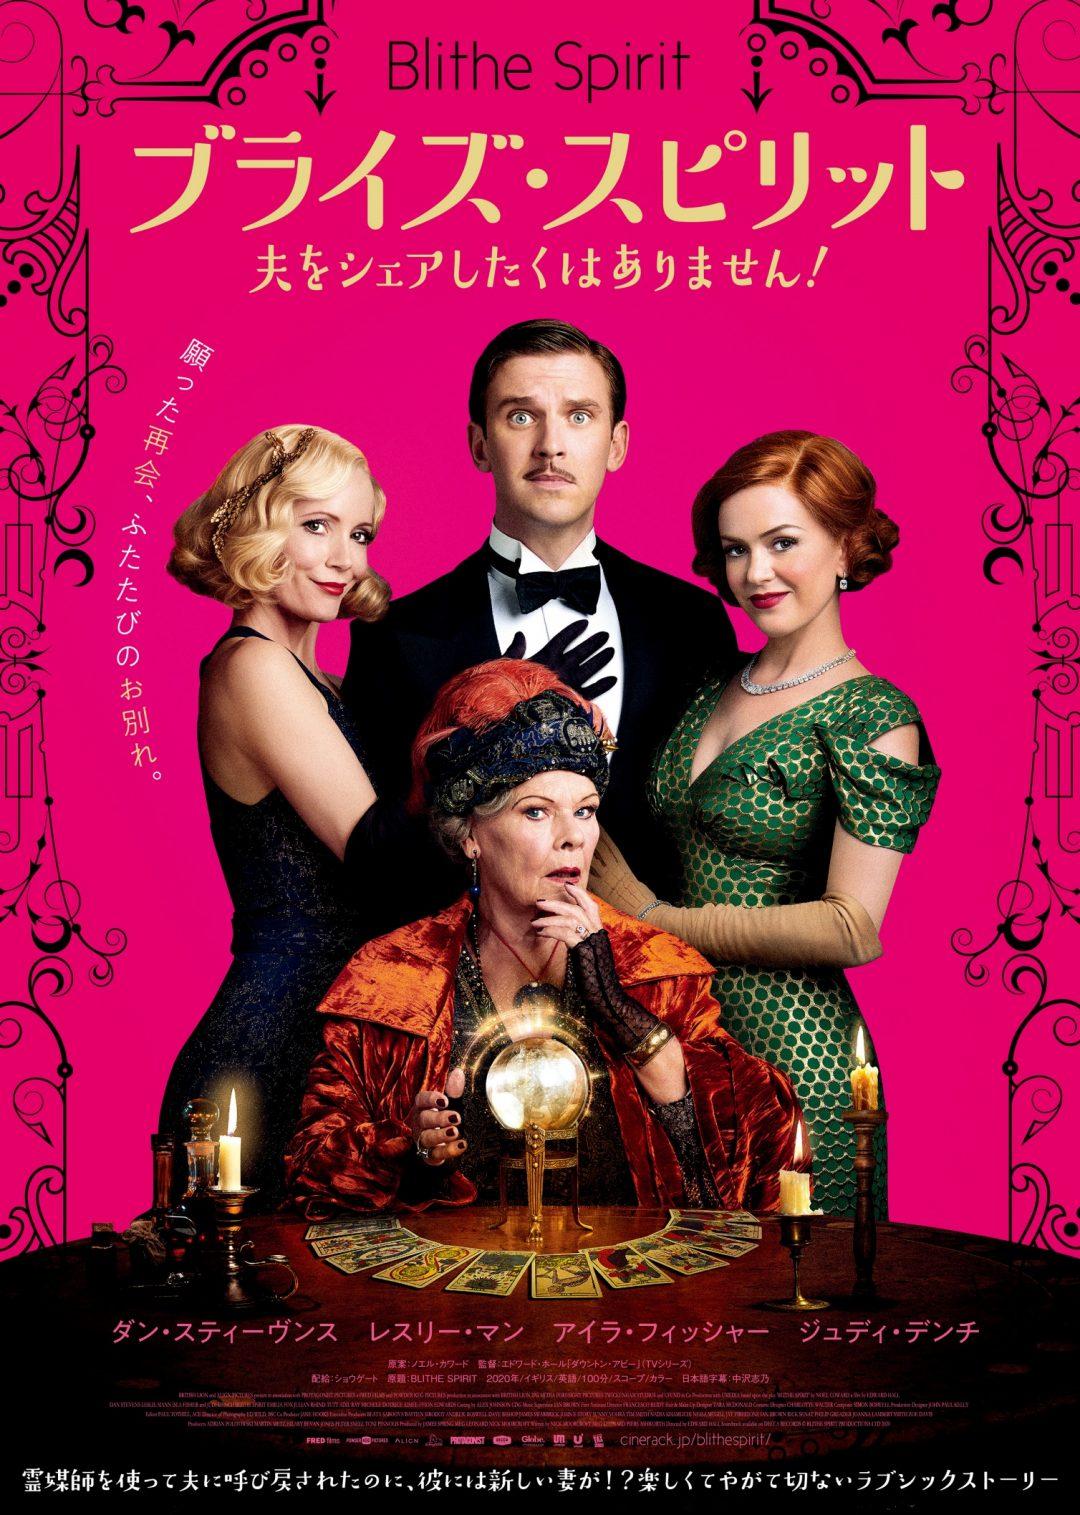 楽しくもやがて切ない、英国発のラブシックストーリー 映画『ブライズ・スピリット』日本版予告映像が公開